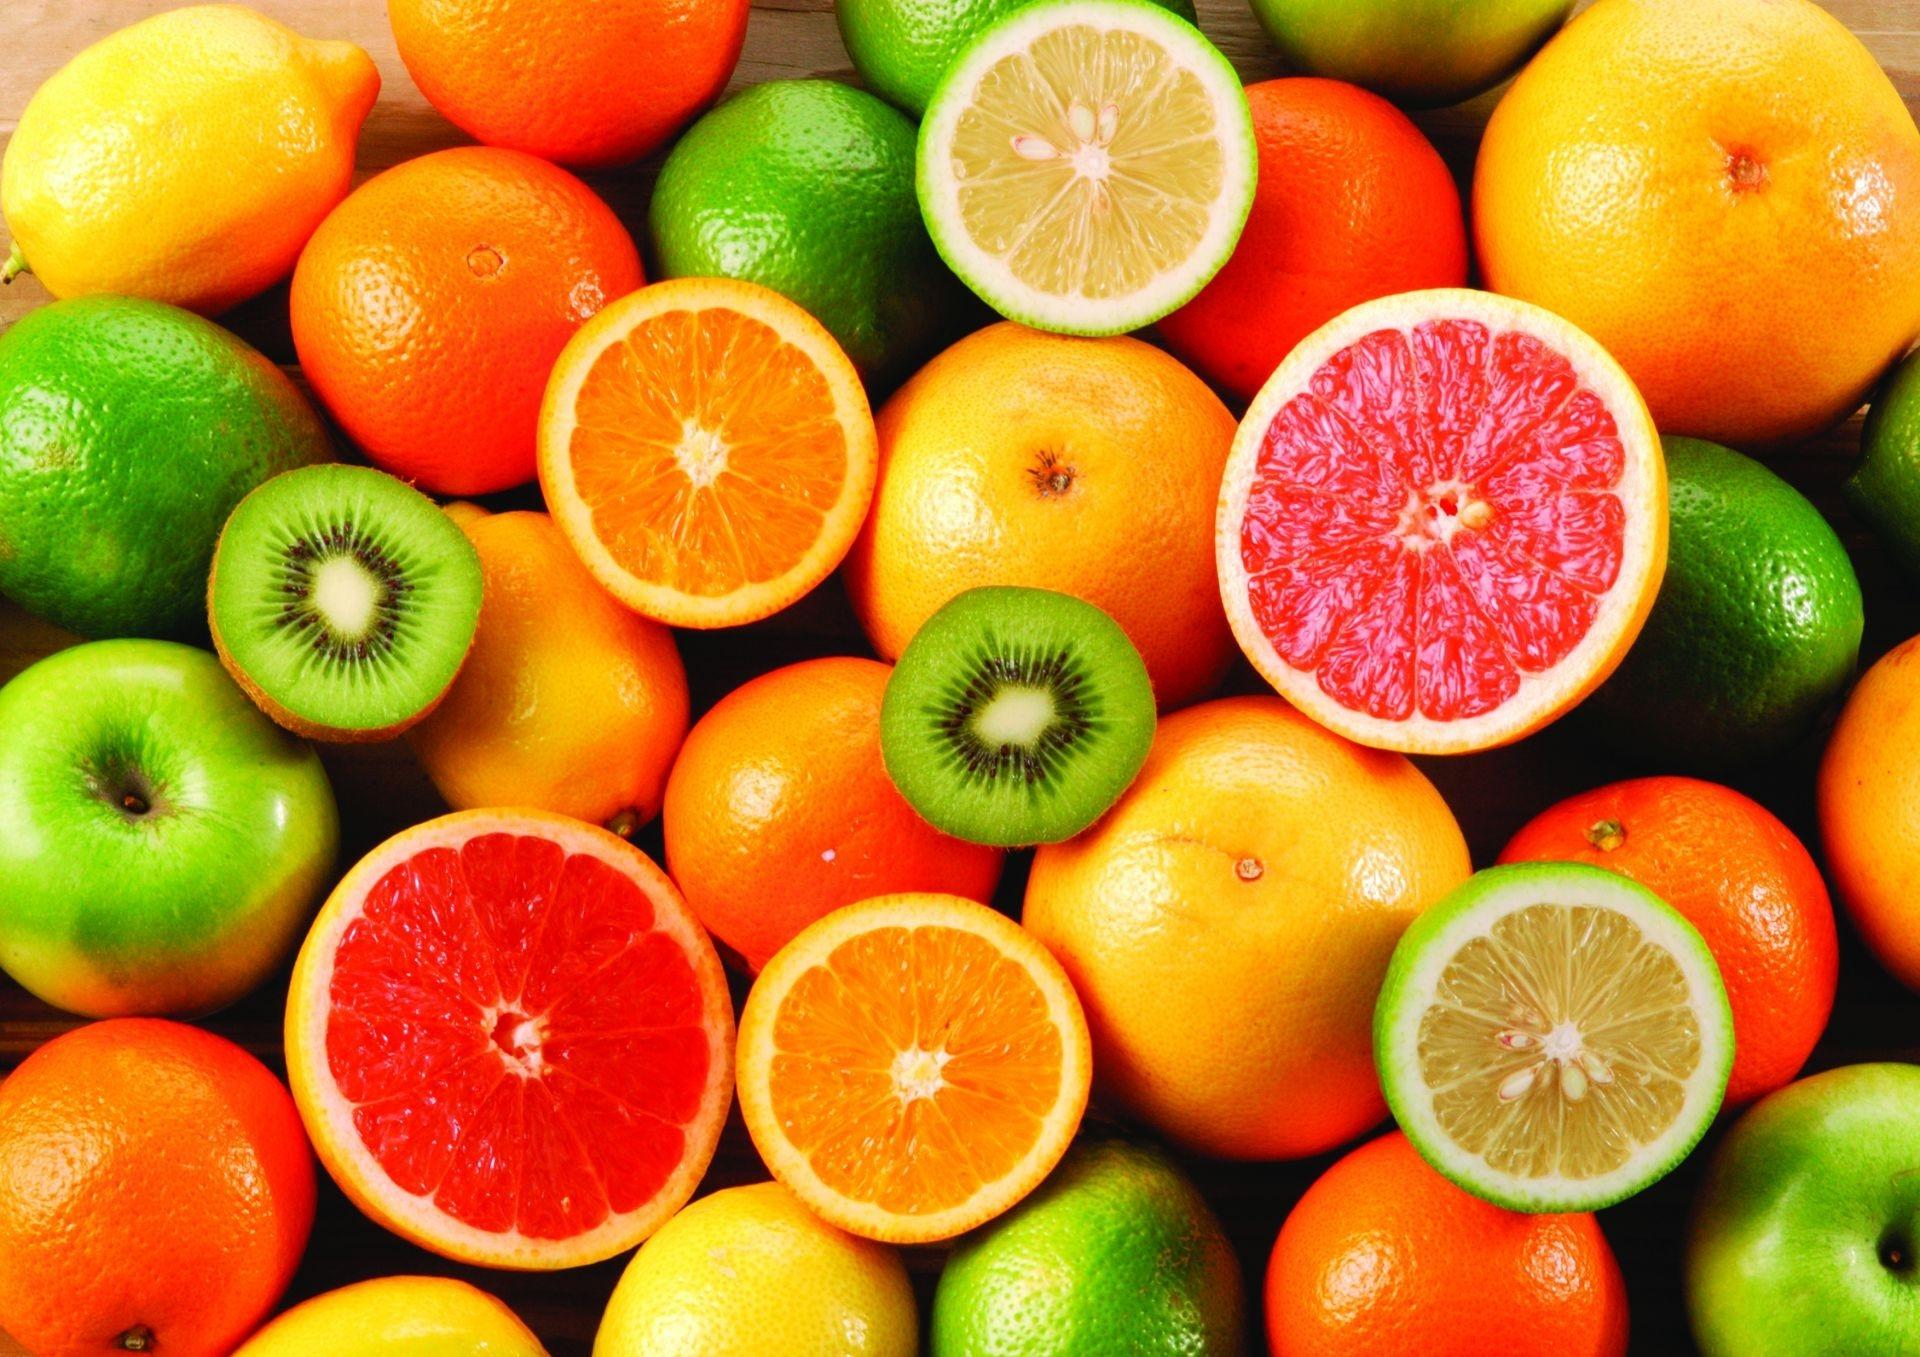 такому картинки с фруктами на телефон многочисленным просьбам представляю